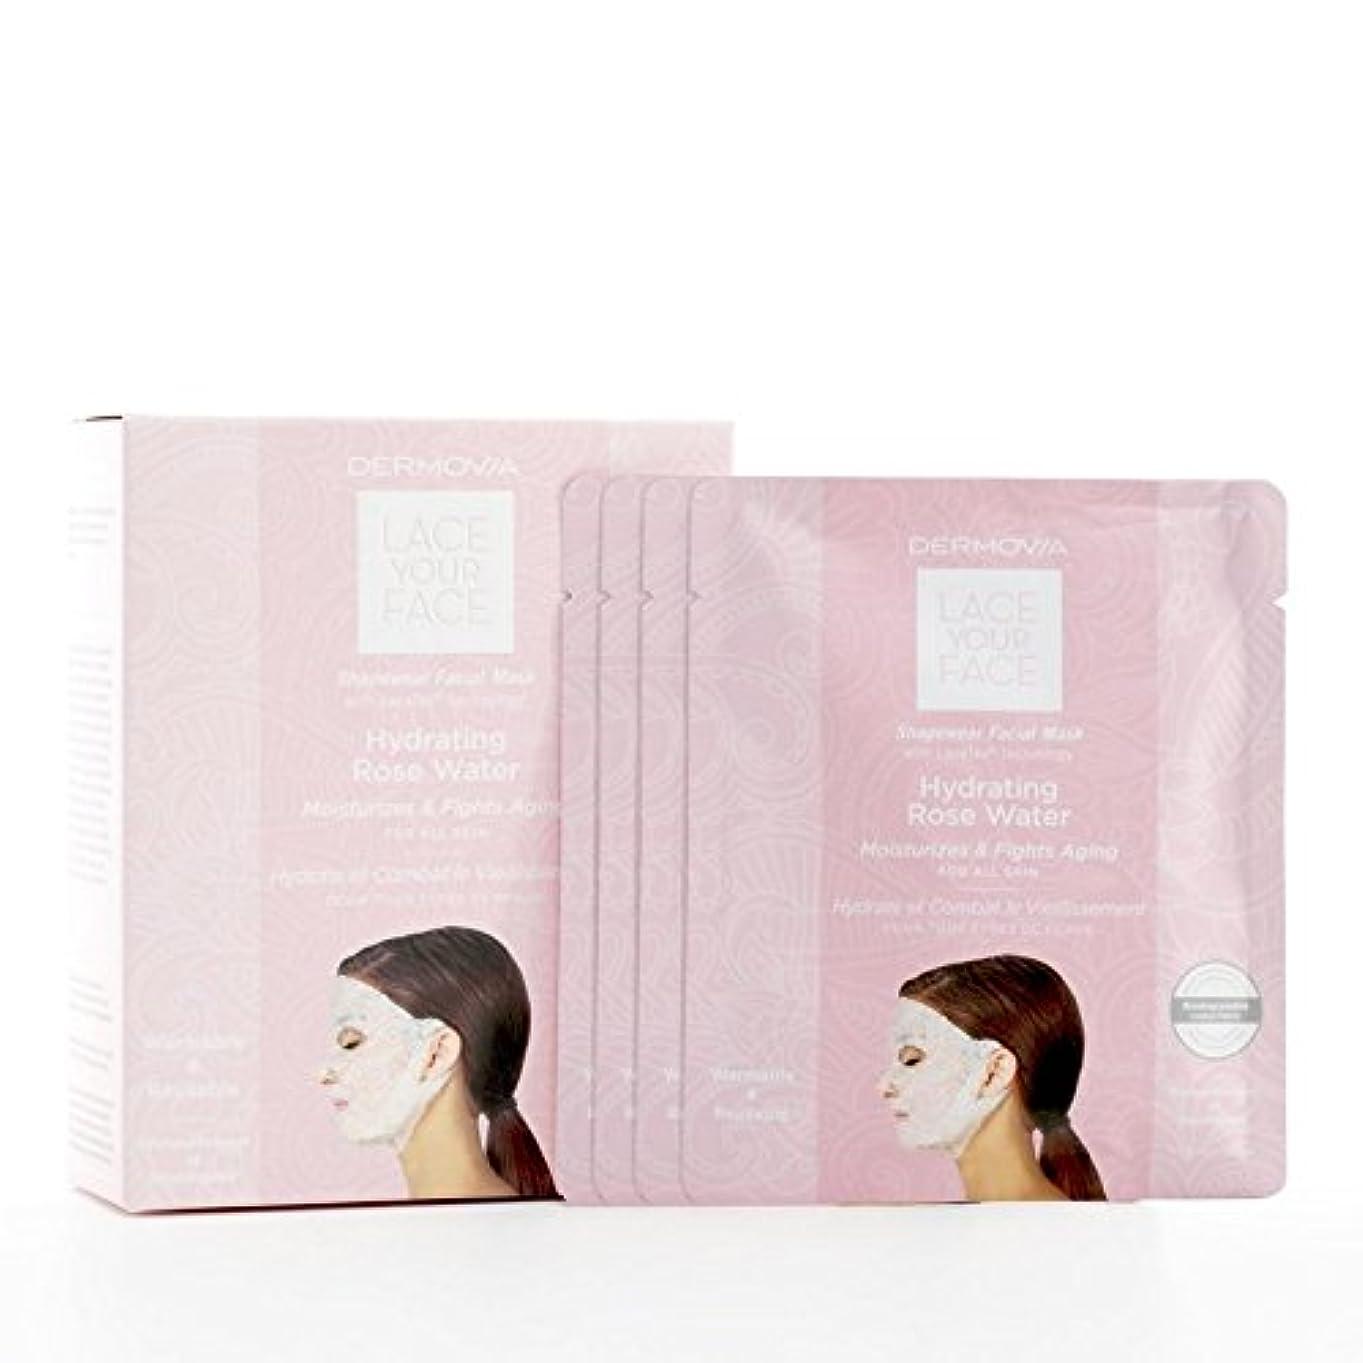 無心溢れんばかりのかすれたは、あなたの顔の圧縮フェイシャルマスク水和が水をバラレース x2 - Dermovia Lace Your Face Compression Facial Mask Hydrating Rose Water (Pack...